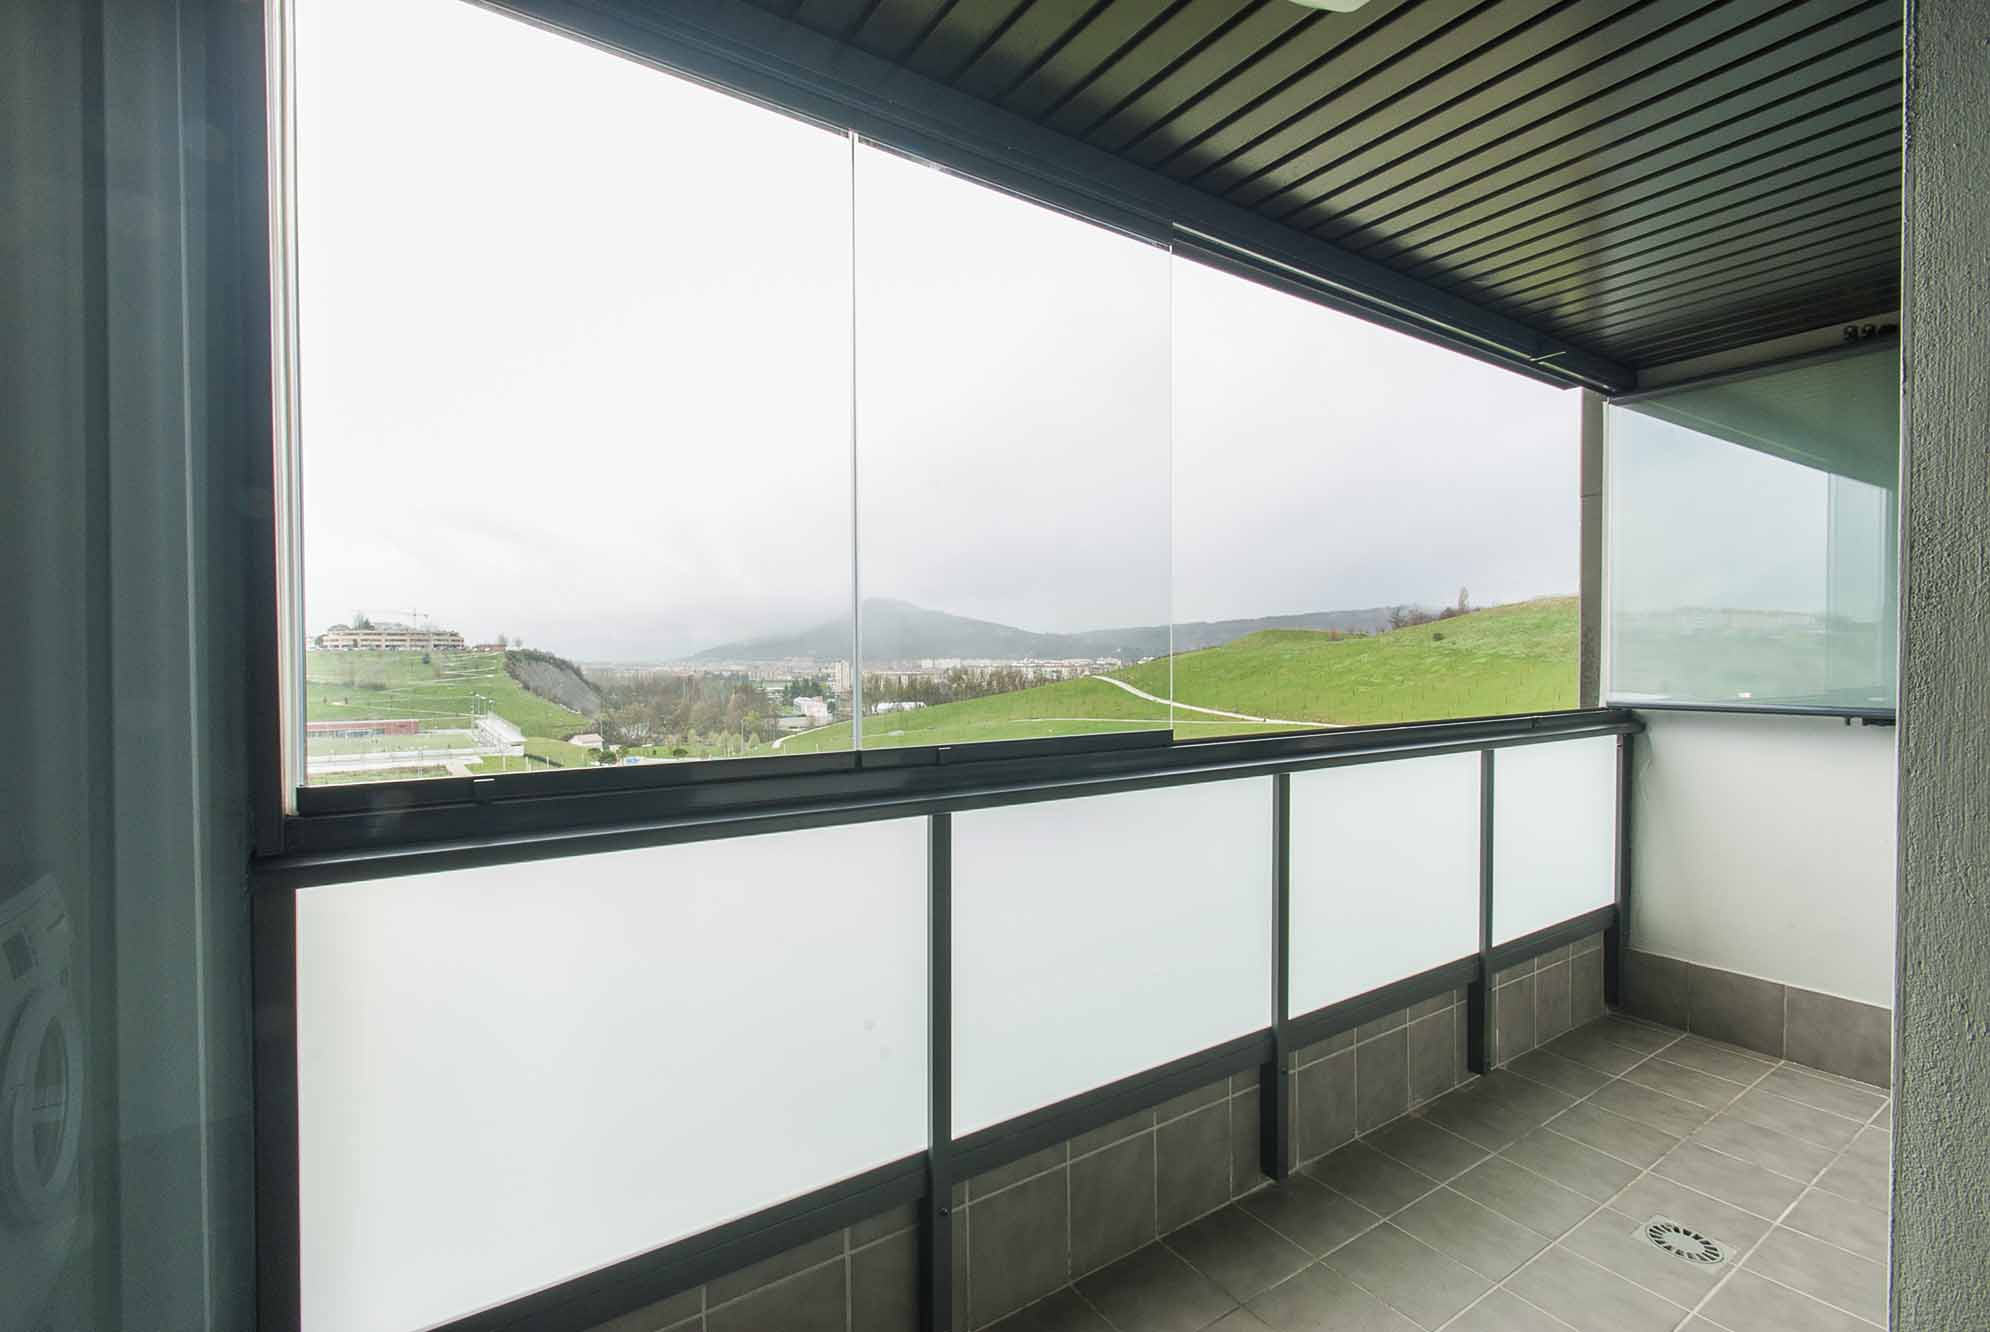 cerramiento-cristal-balcon-cortinas-lumon-3